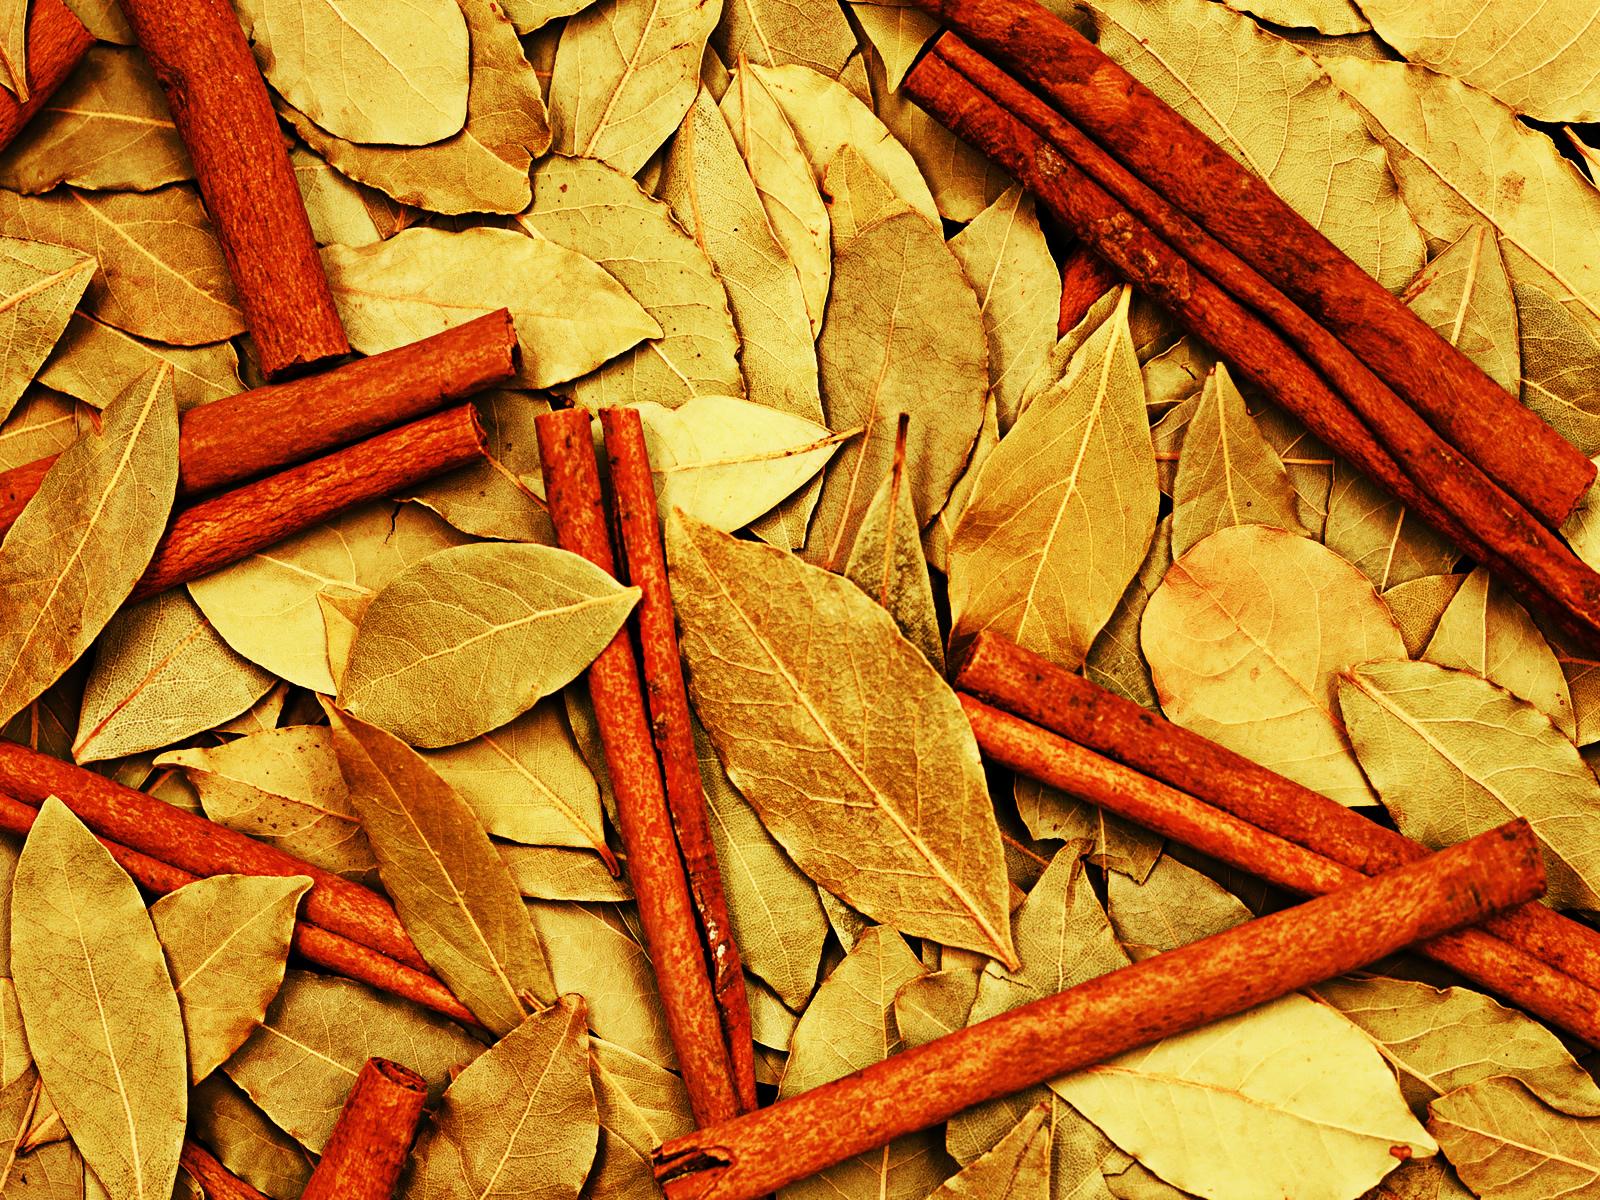 осенний листья, скачать фото, дистопад